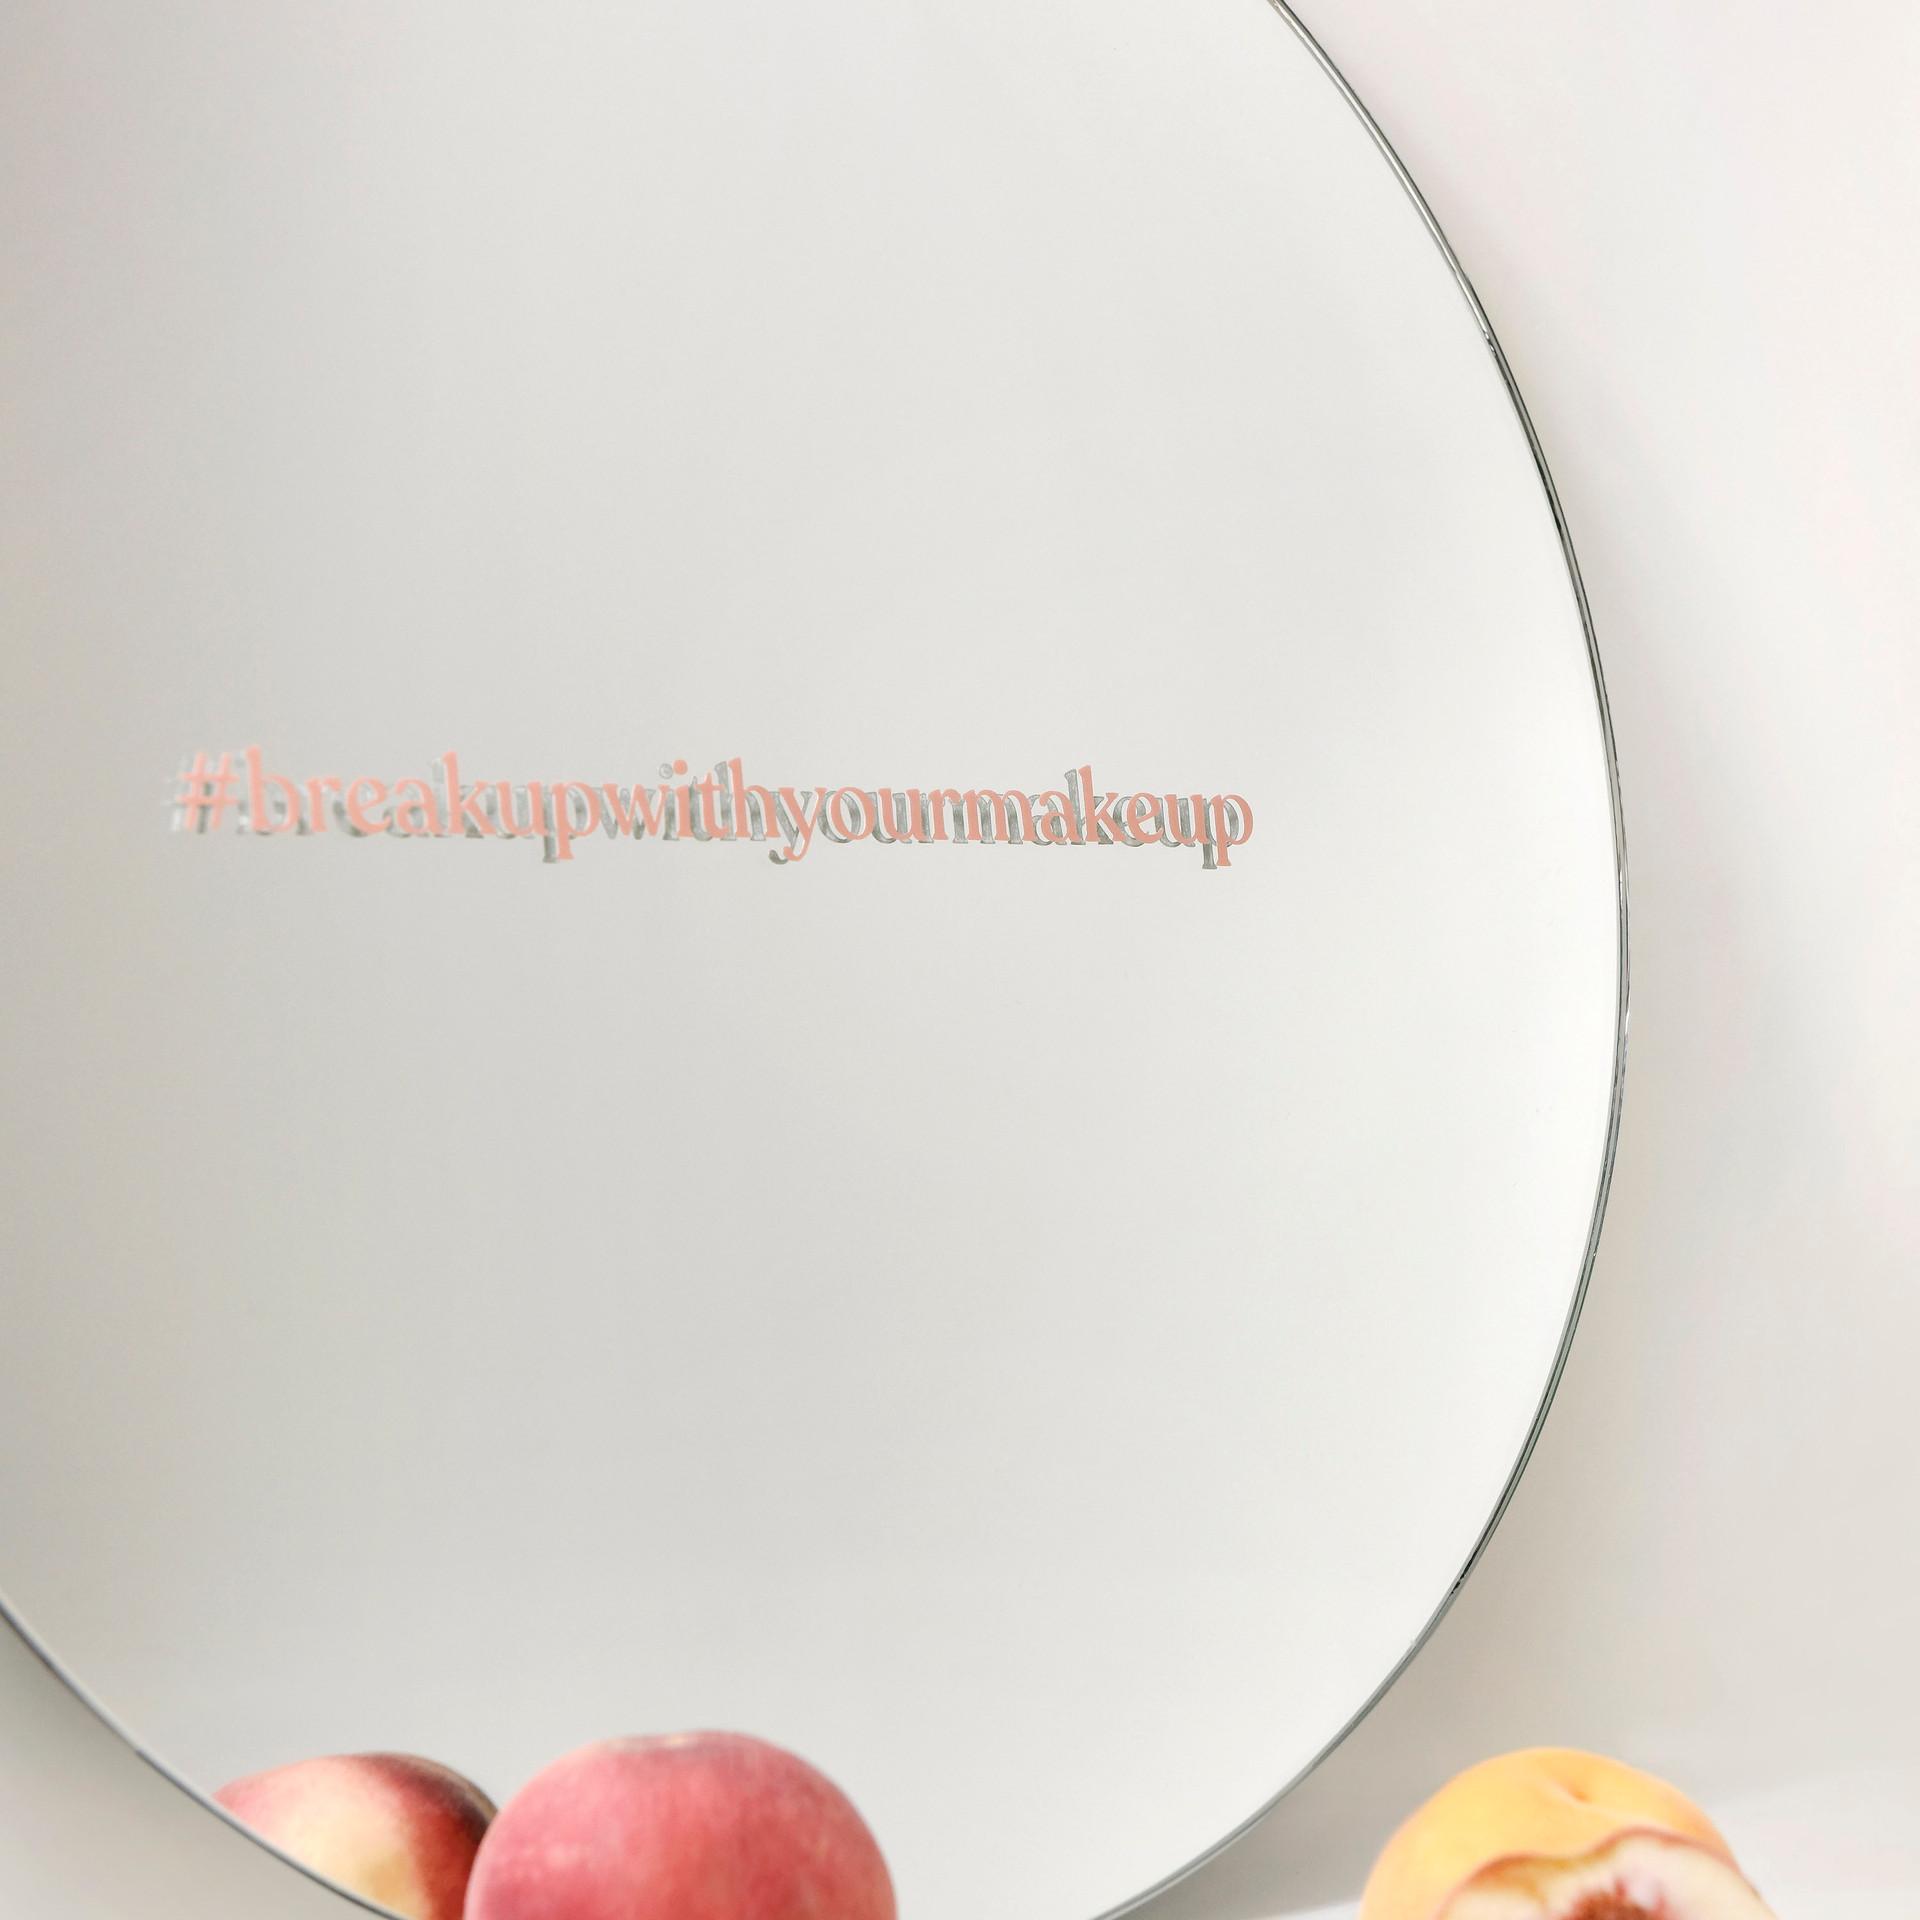 190404_The-Lab_Peaches.jpg